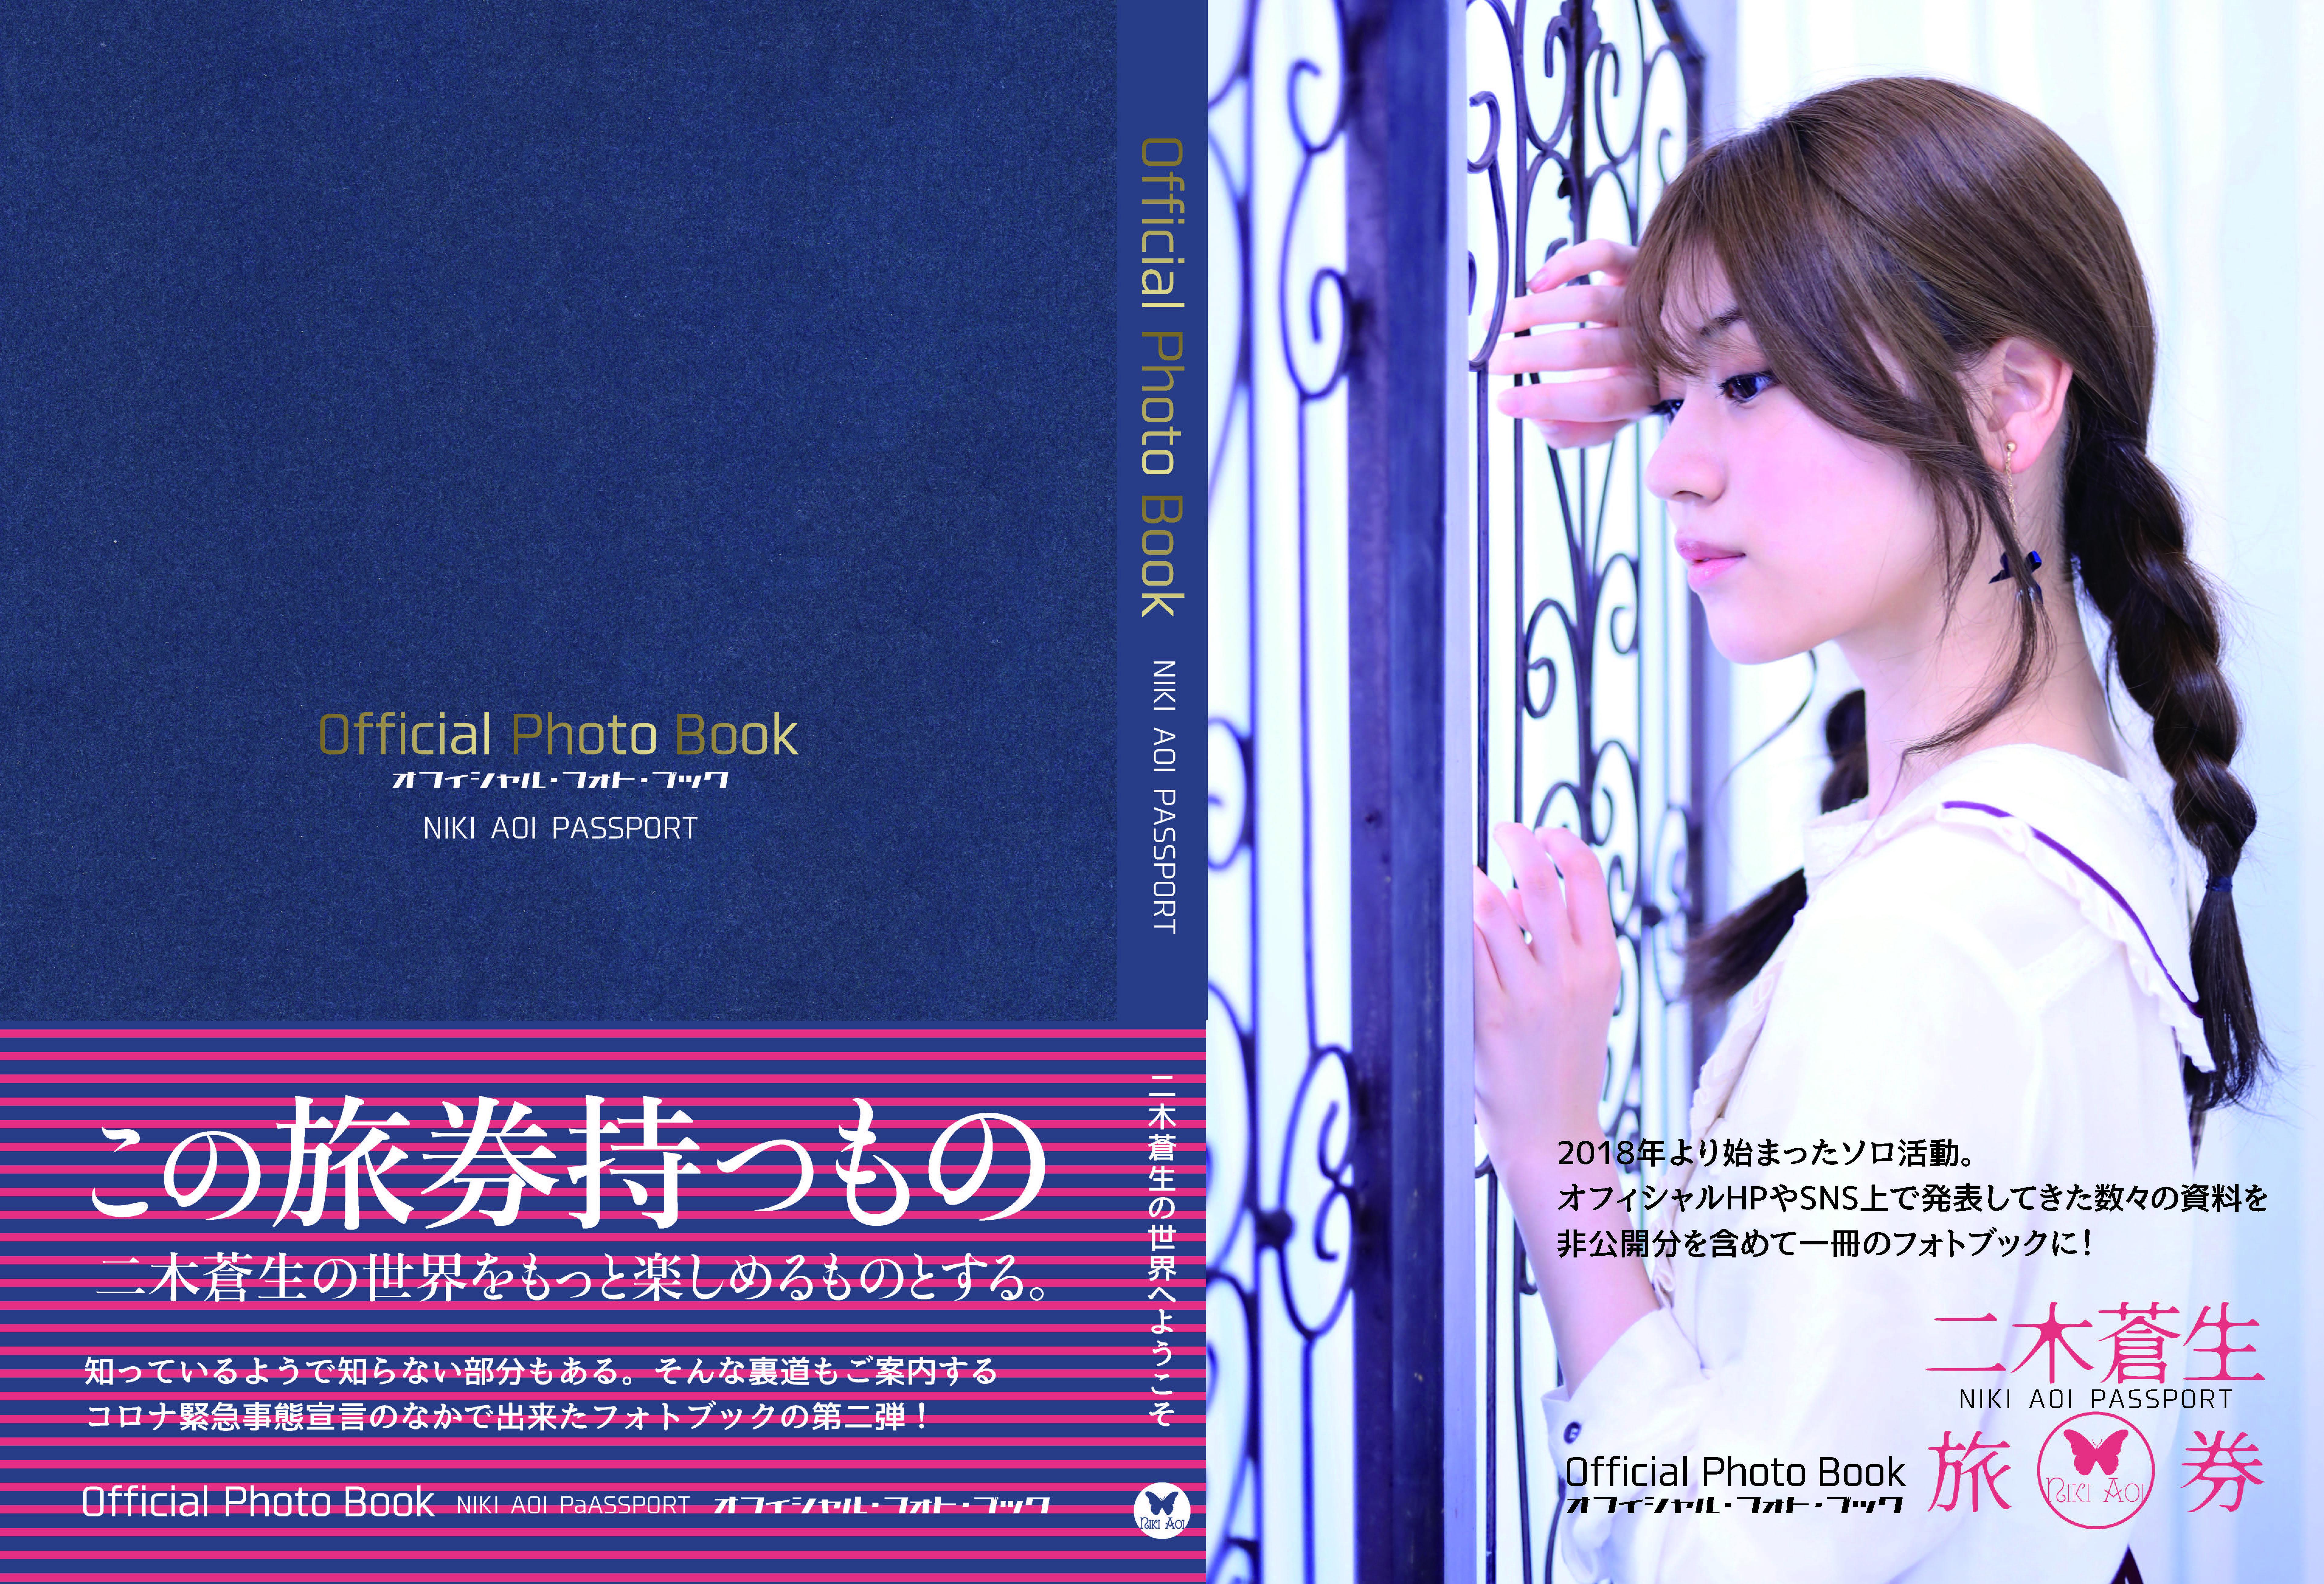 8/23(日)オフィシャル・フォトブック第二弾「二木蒼生旅券」販売開始